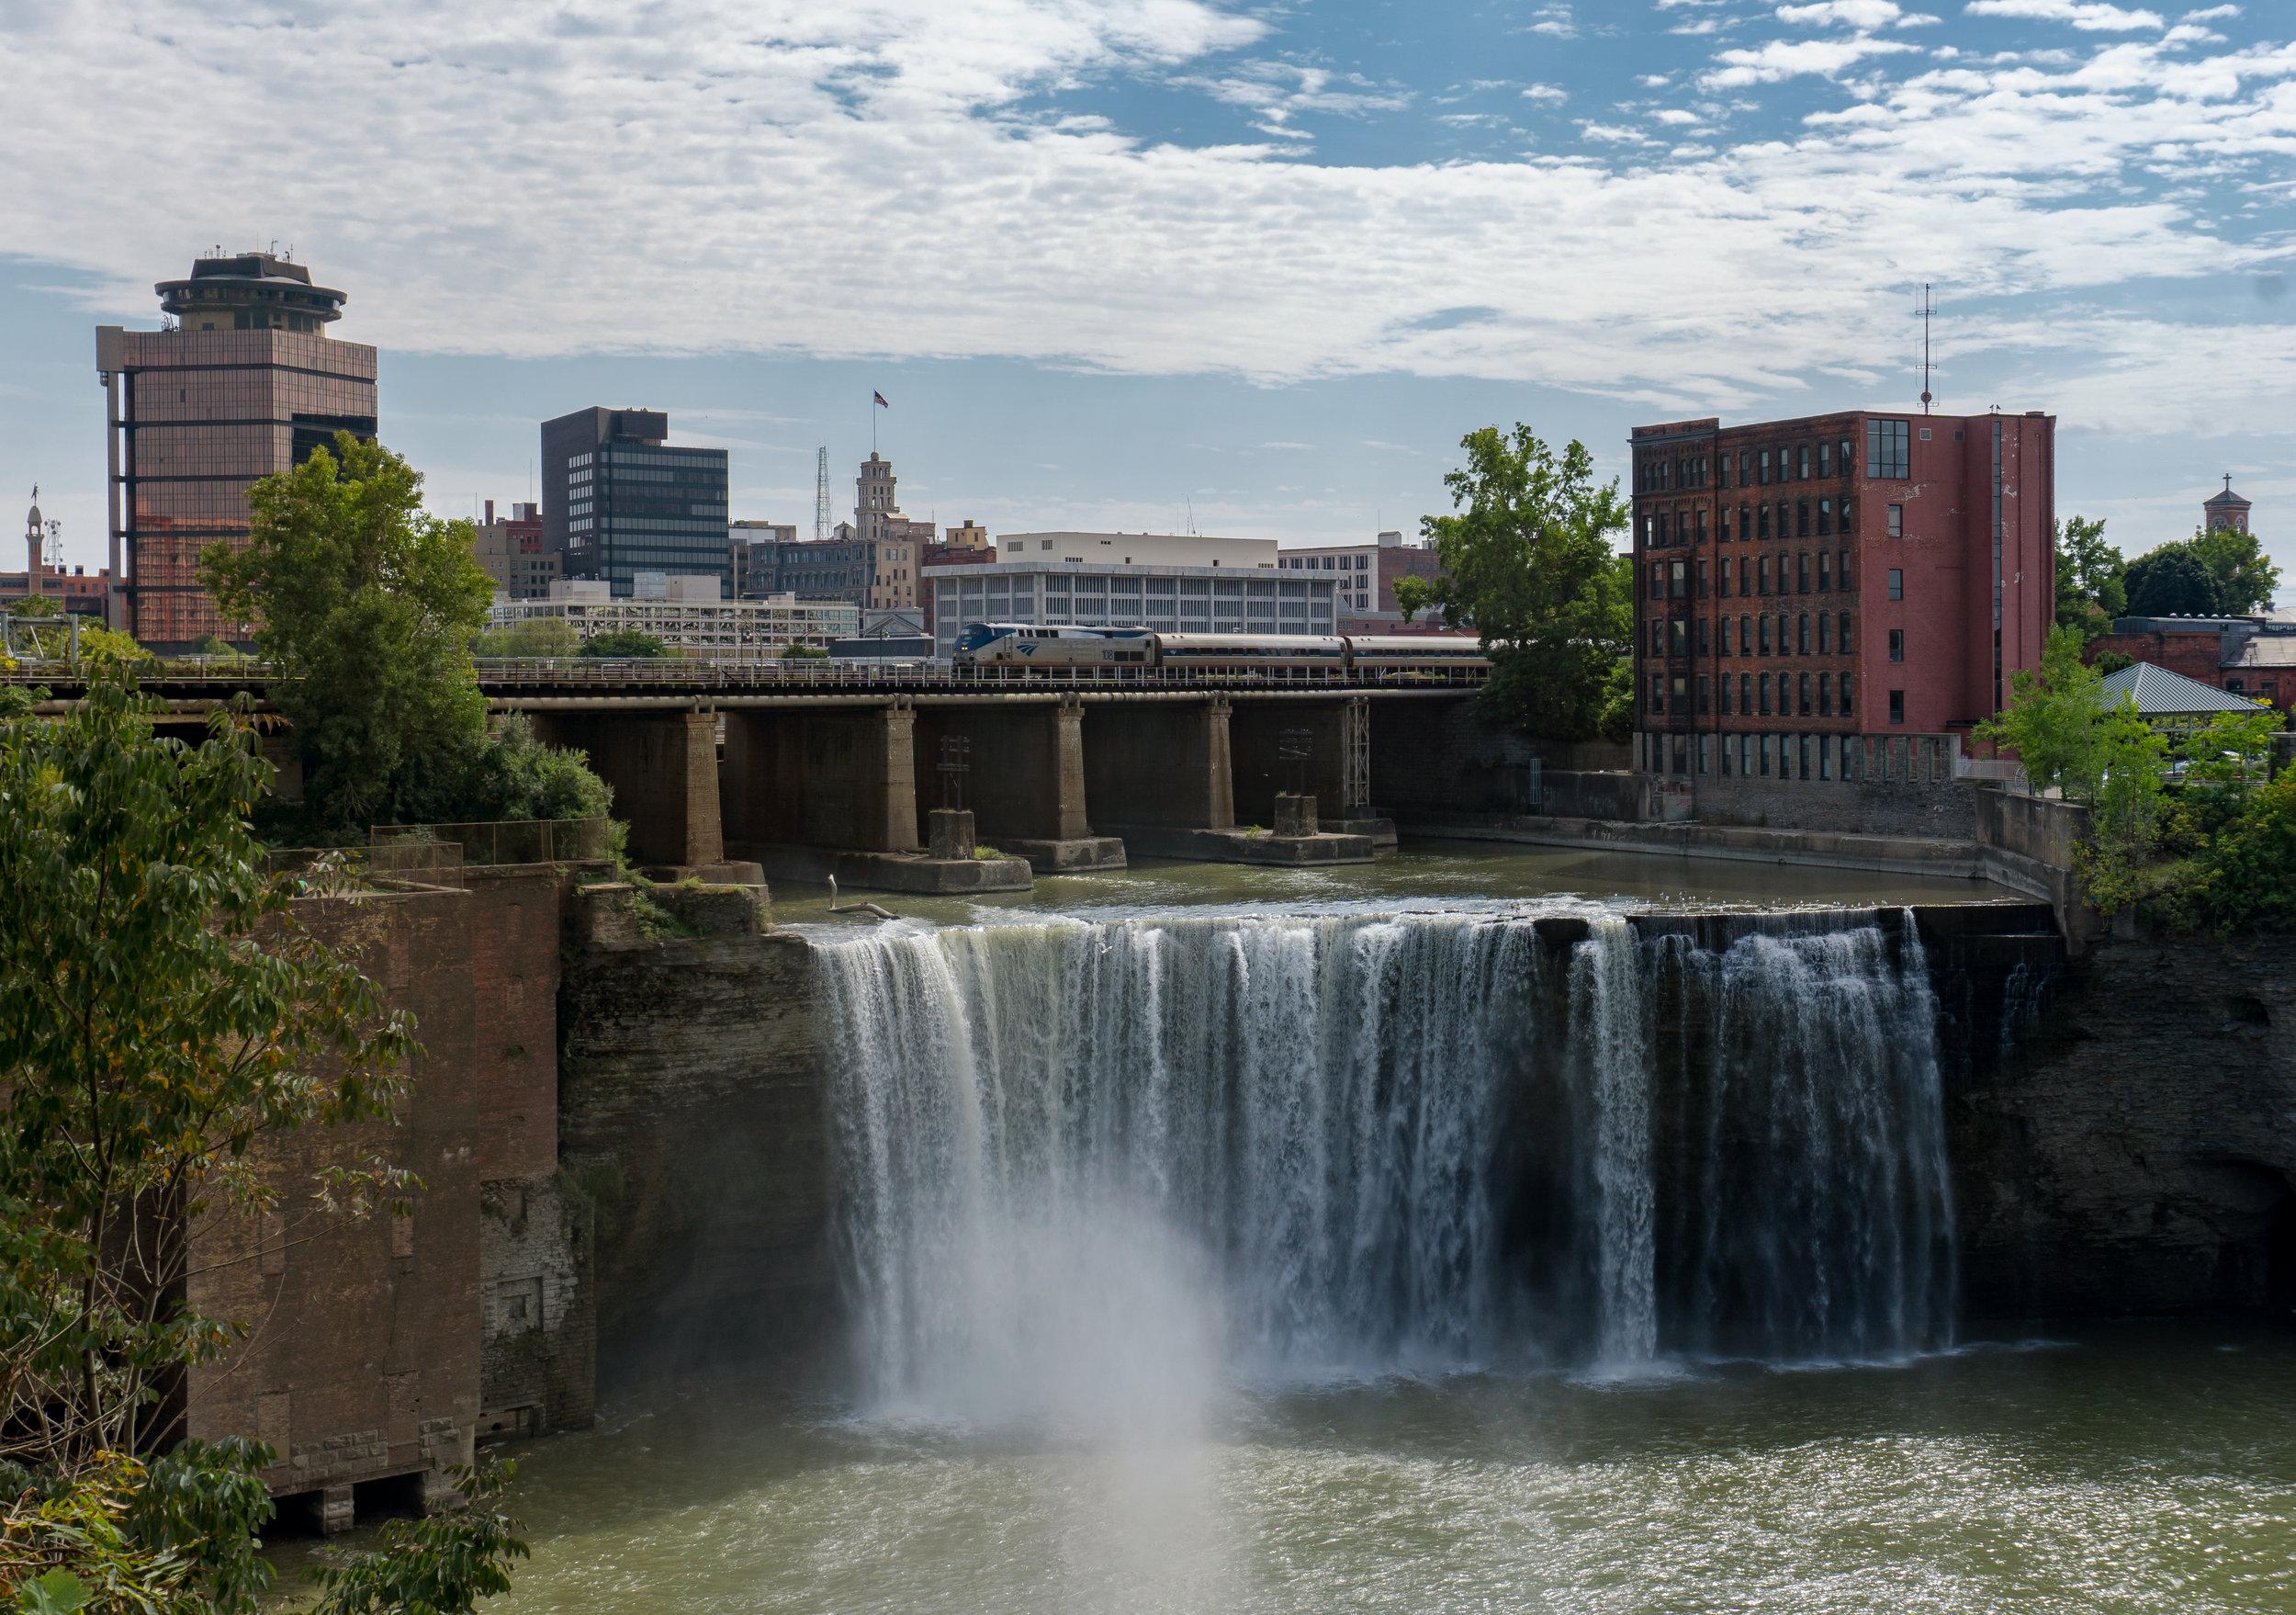 1630 - Niagara Falls 2018 - Upper Falls Rochester Amtrak